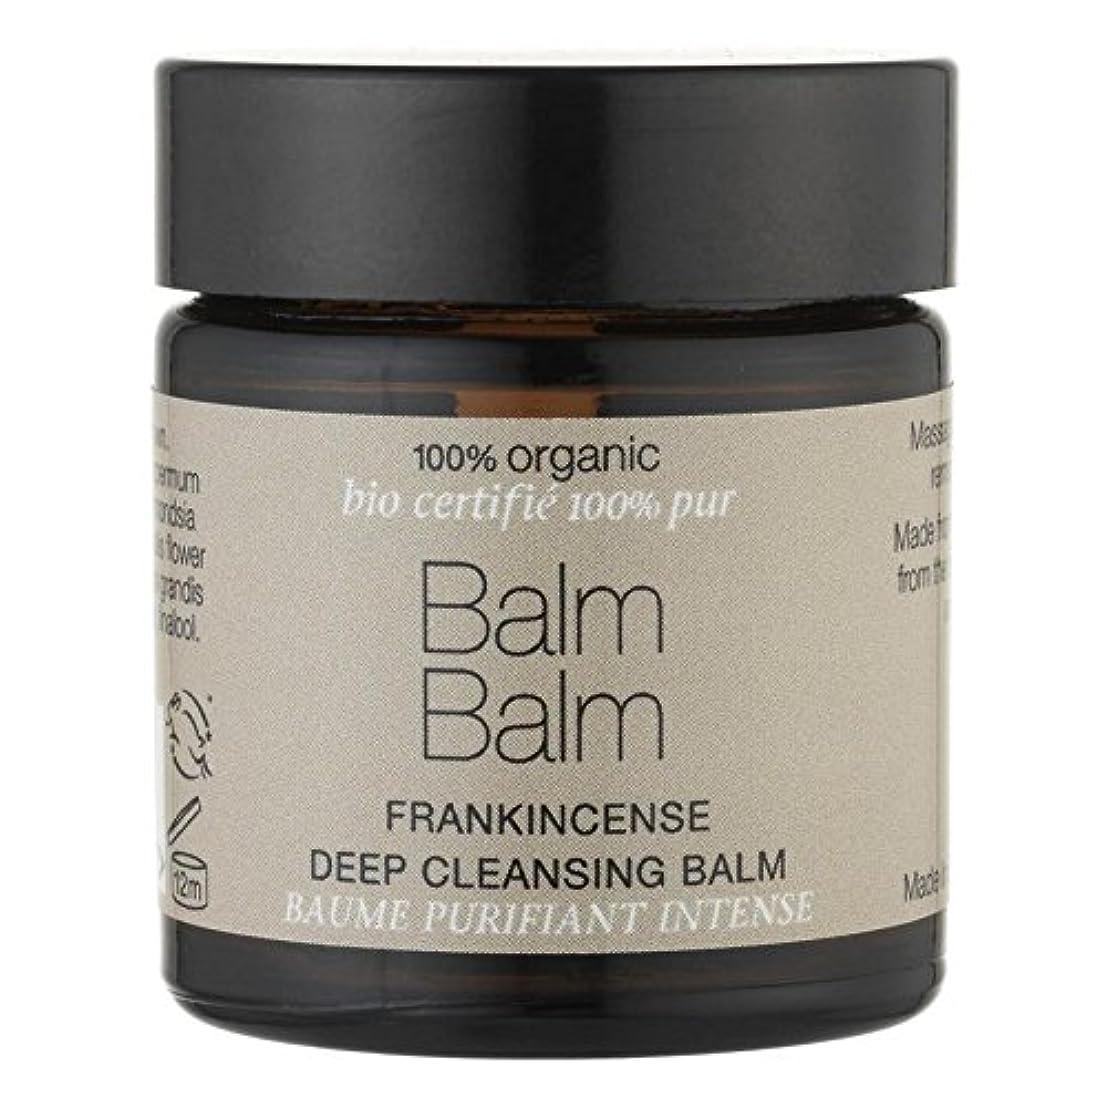 哀れな脅かす観察するBalm Balm Frankincense Organic Deep Cleansing Balm 30ml - バームバーム乳香有機ディープクレンジングクリーム30ミリリットル [並行輸入品]